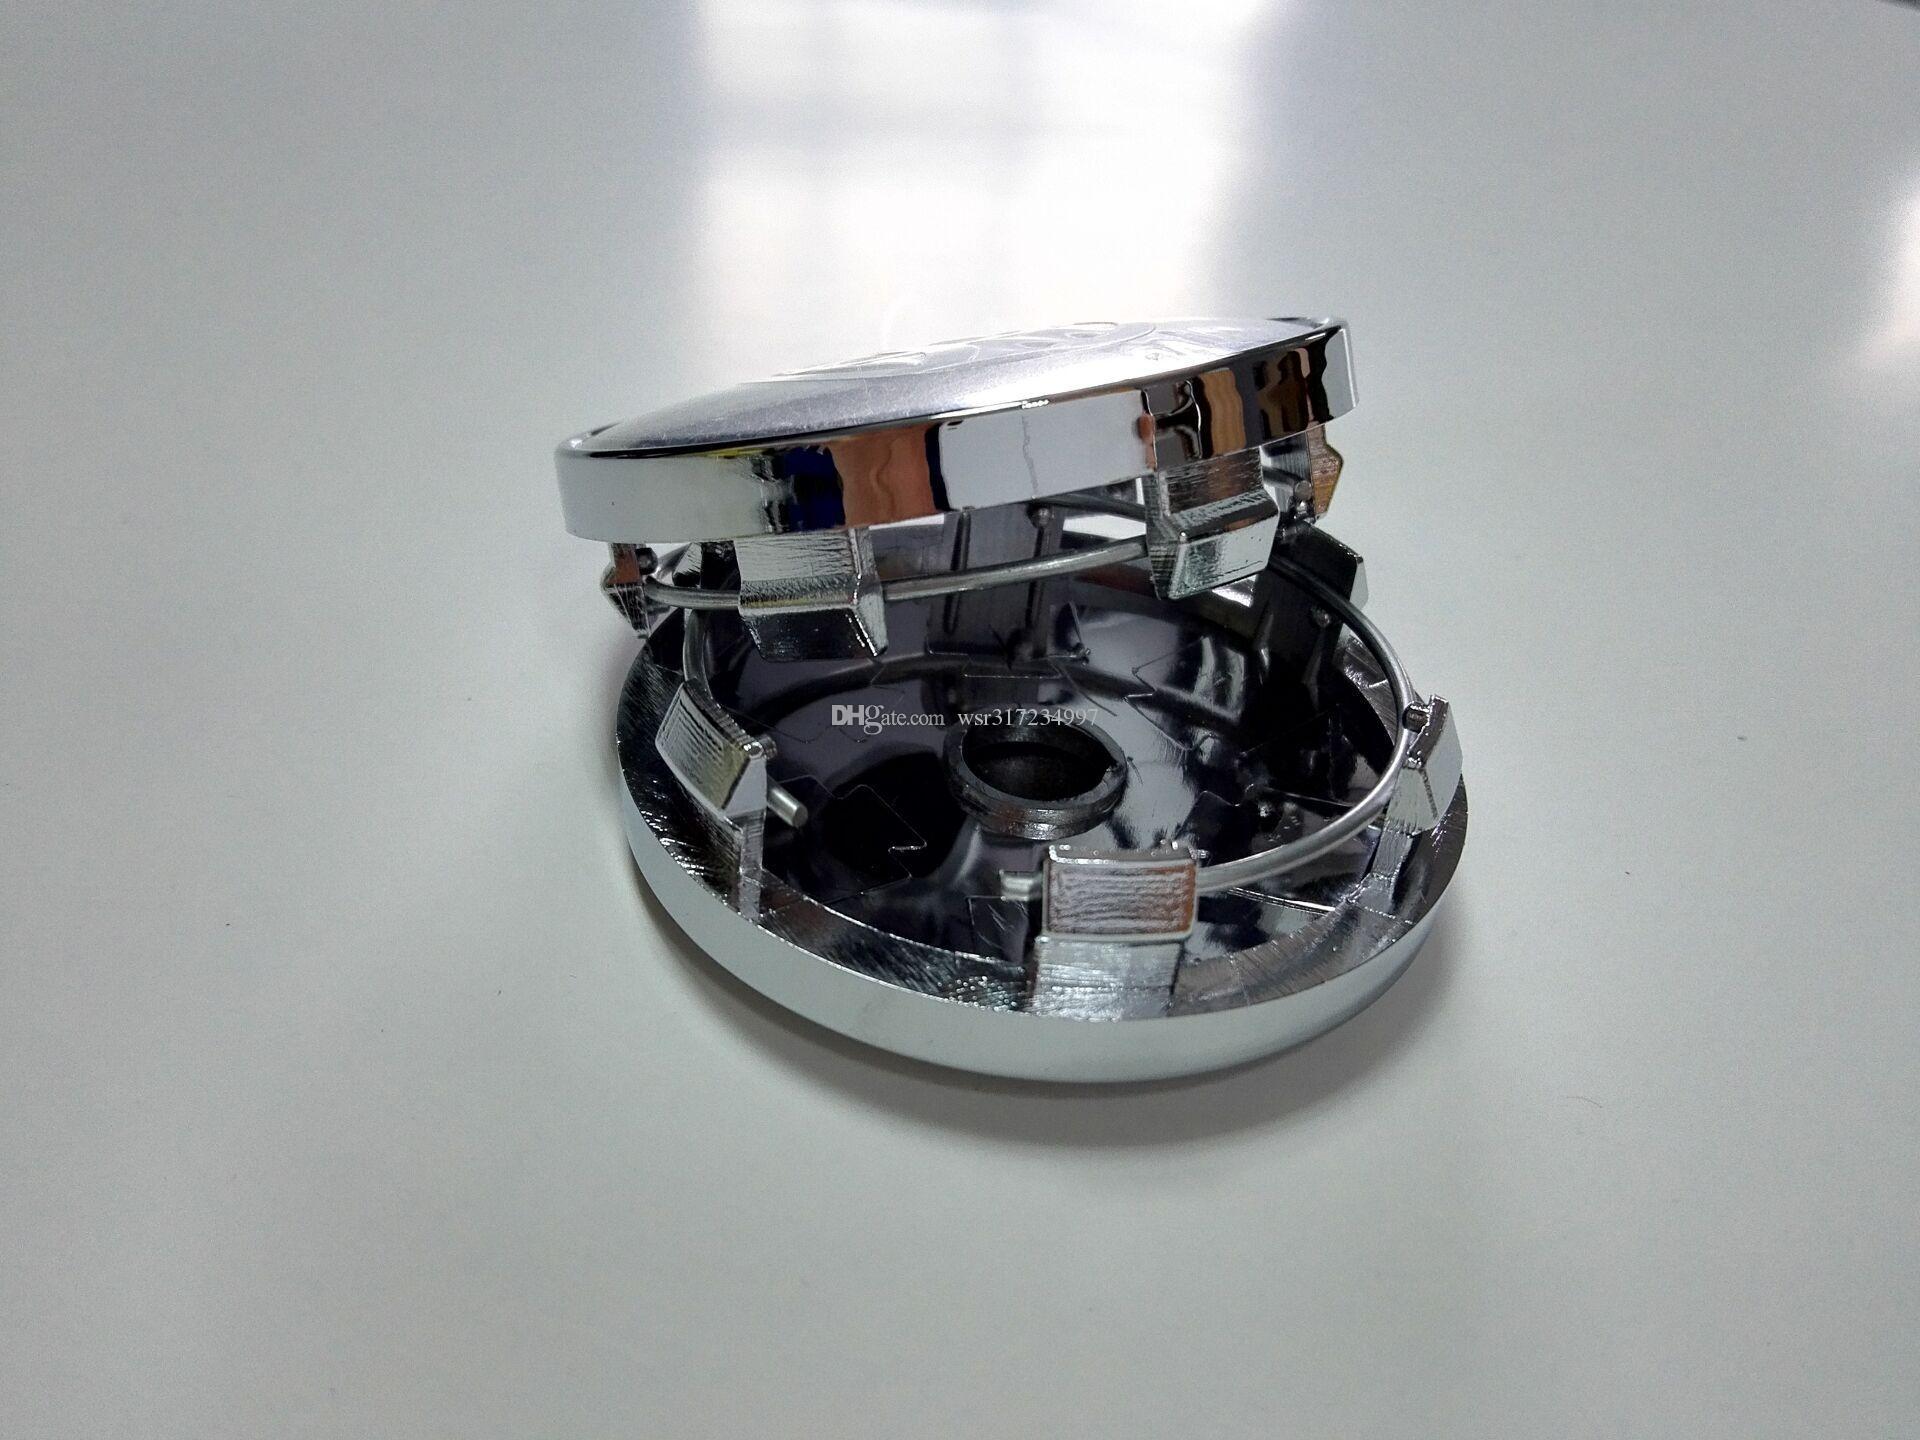 자동차 스타일링 100PCS * 60MM 휠 센터 허브가 O PEL / M AZDA에 대한 자동차 엠블럼 배지 로고 캡 / V olvo / H / K IA / OZ 레이싱 등